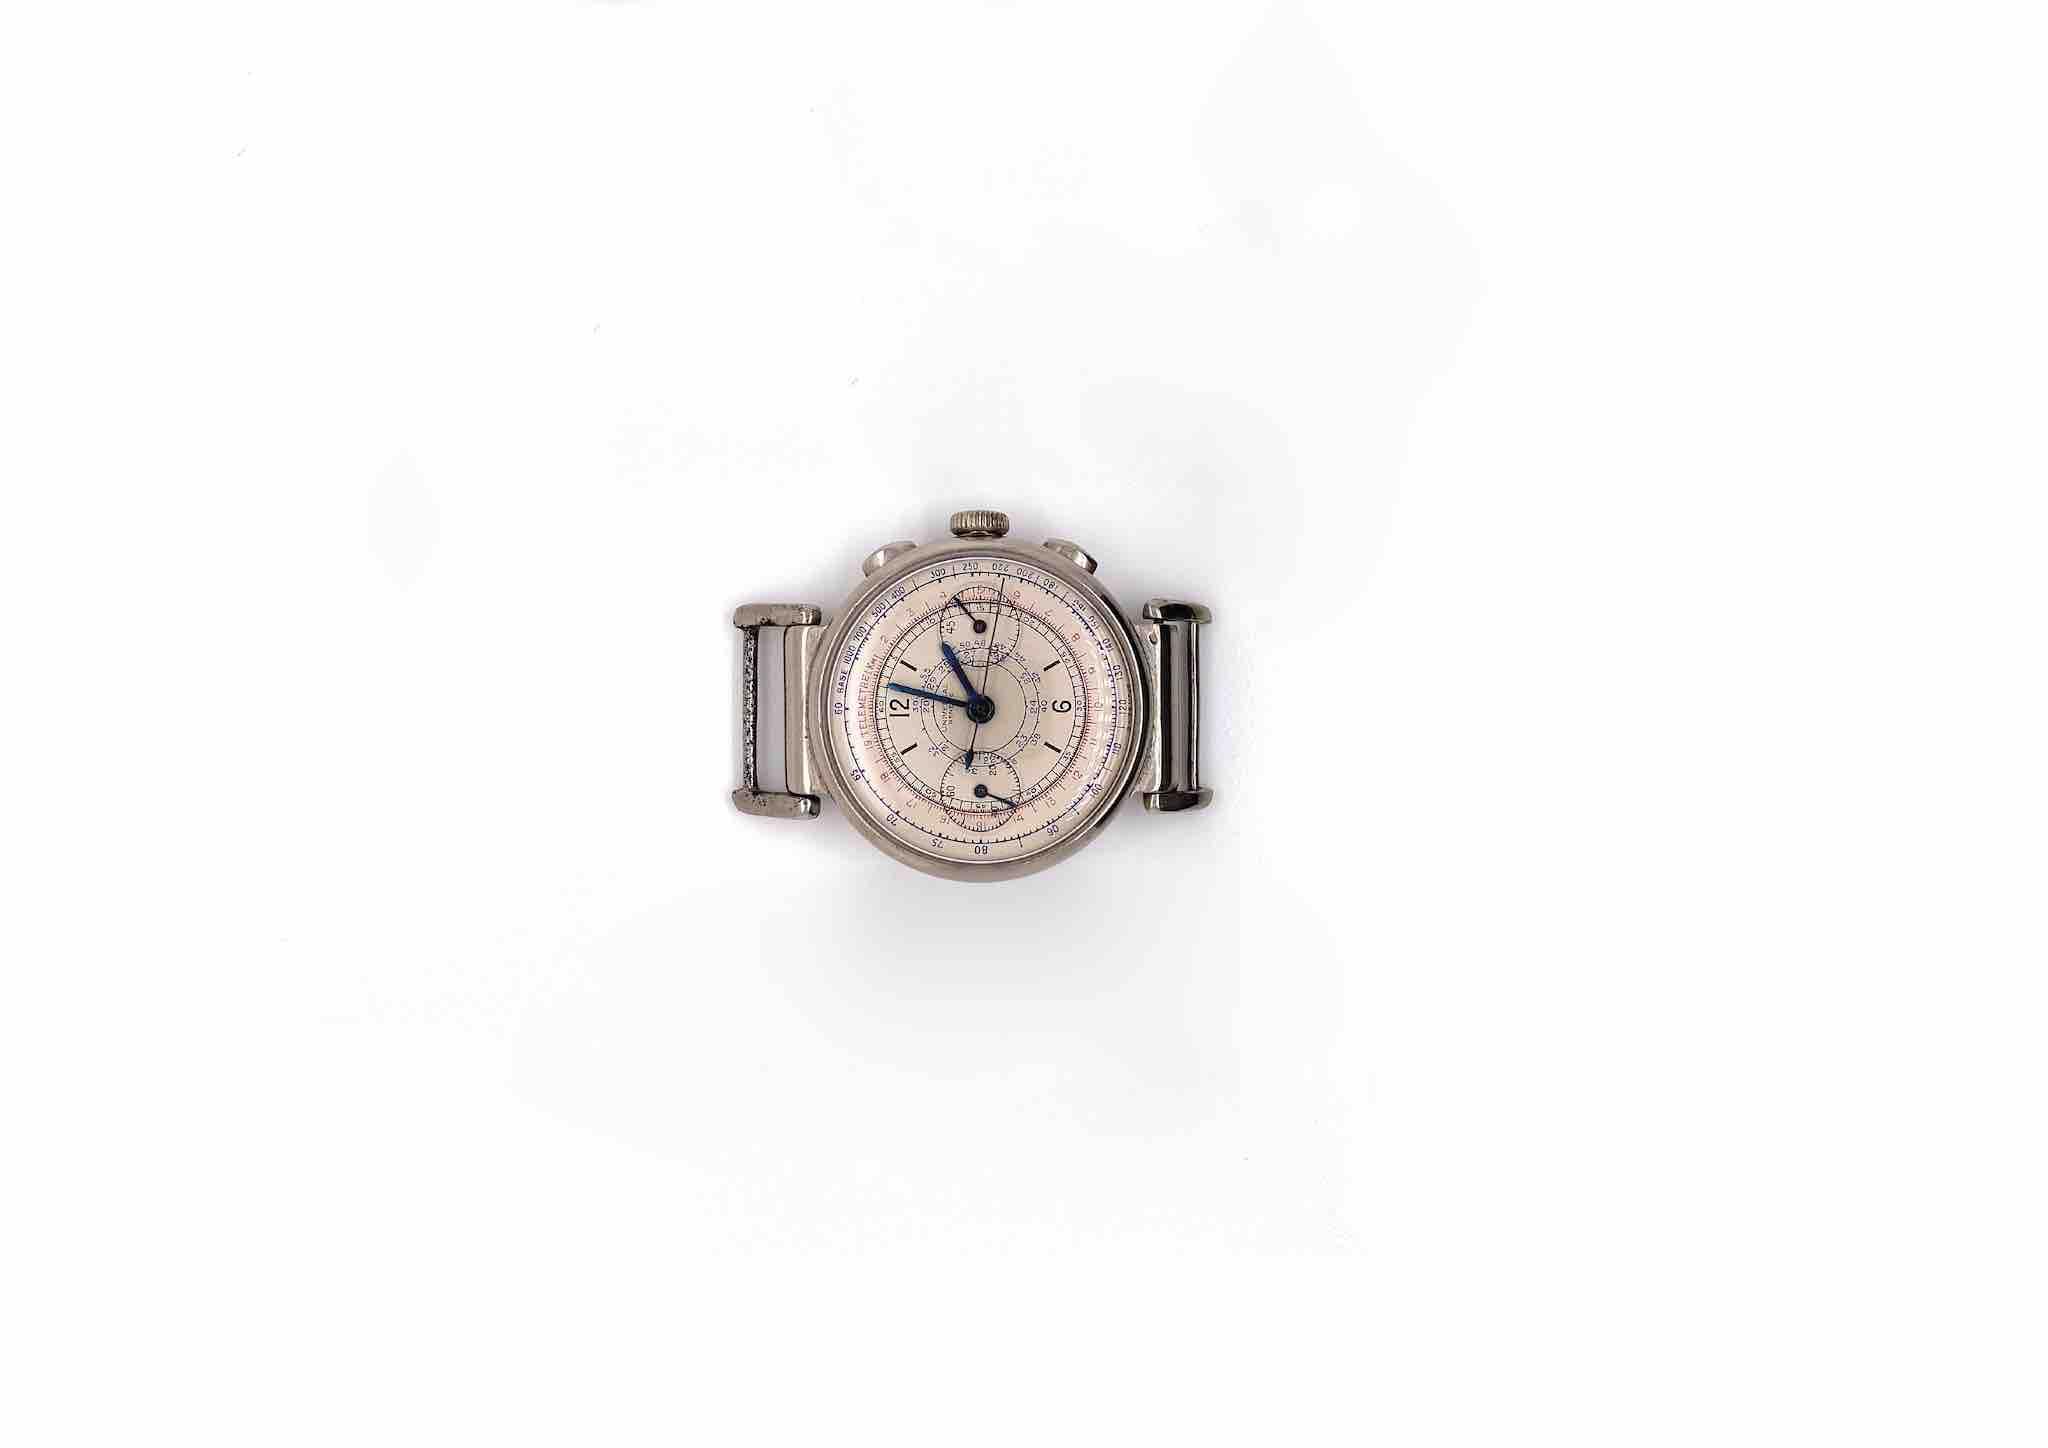 montre Montre Universal Genève Chrono bracelet beige